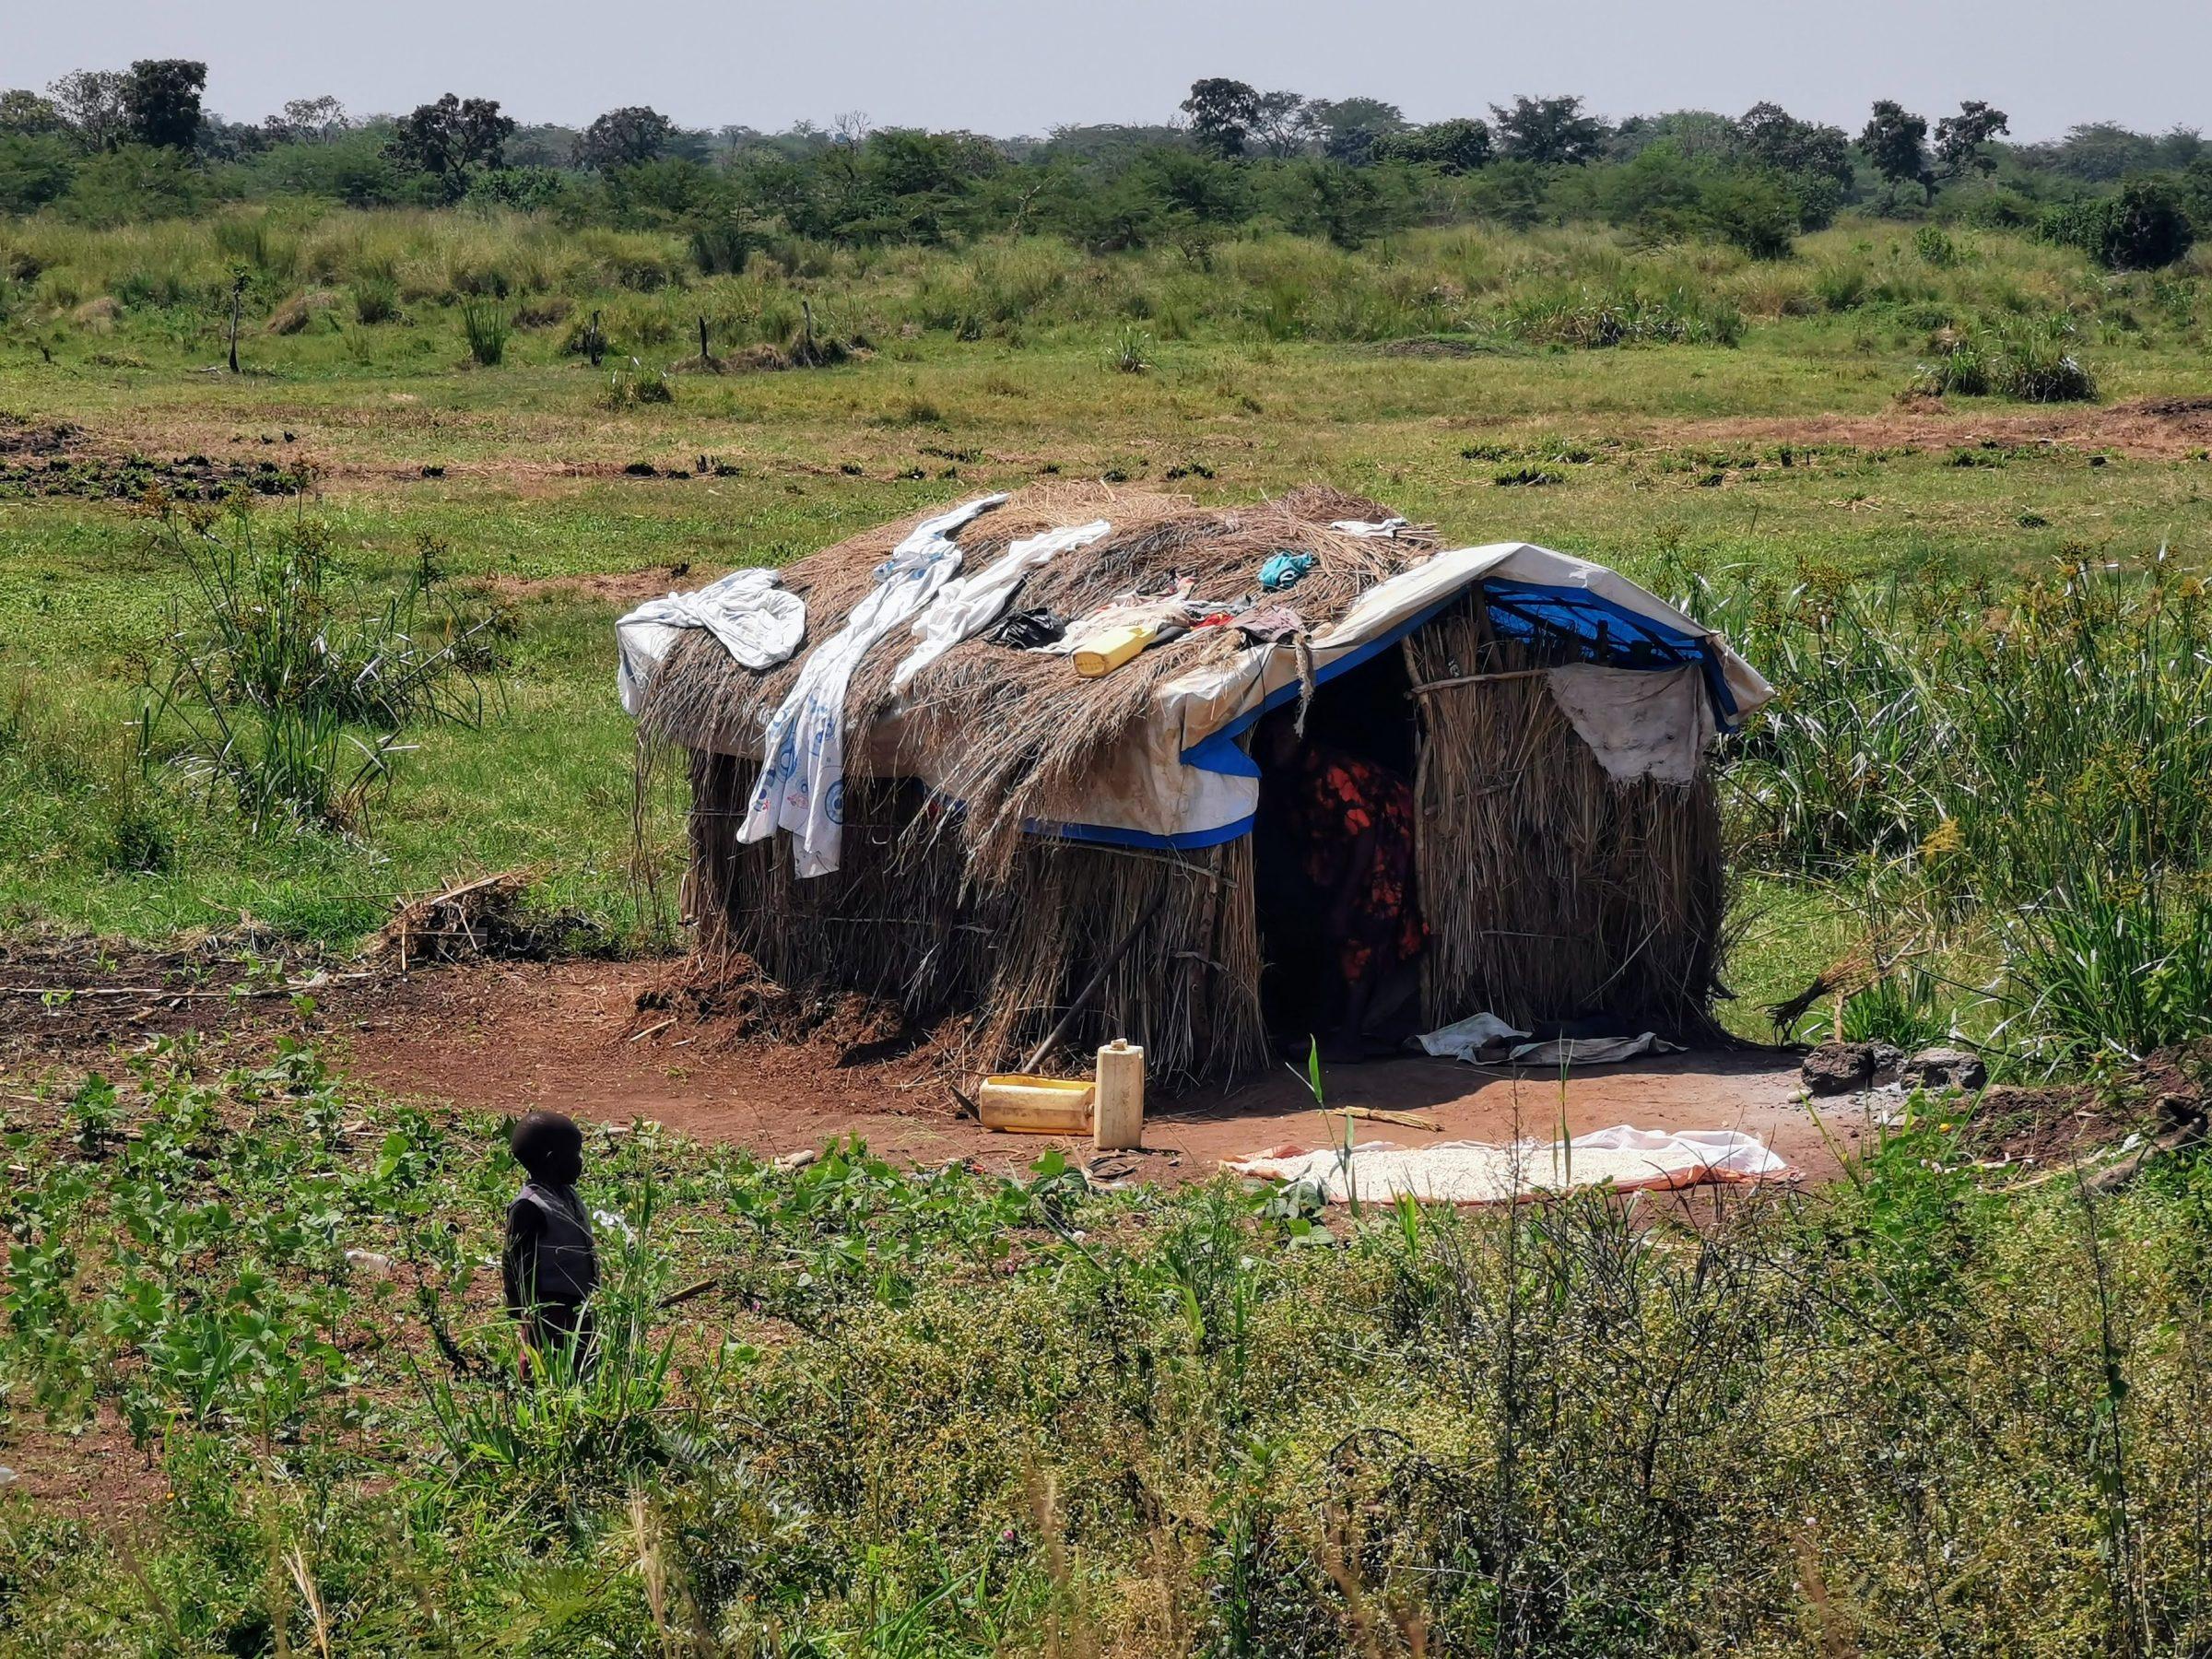 Een hutje van een Zuid-Sudanees vluchtelingen gezin